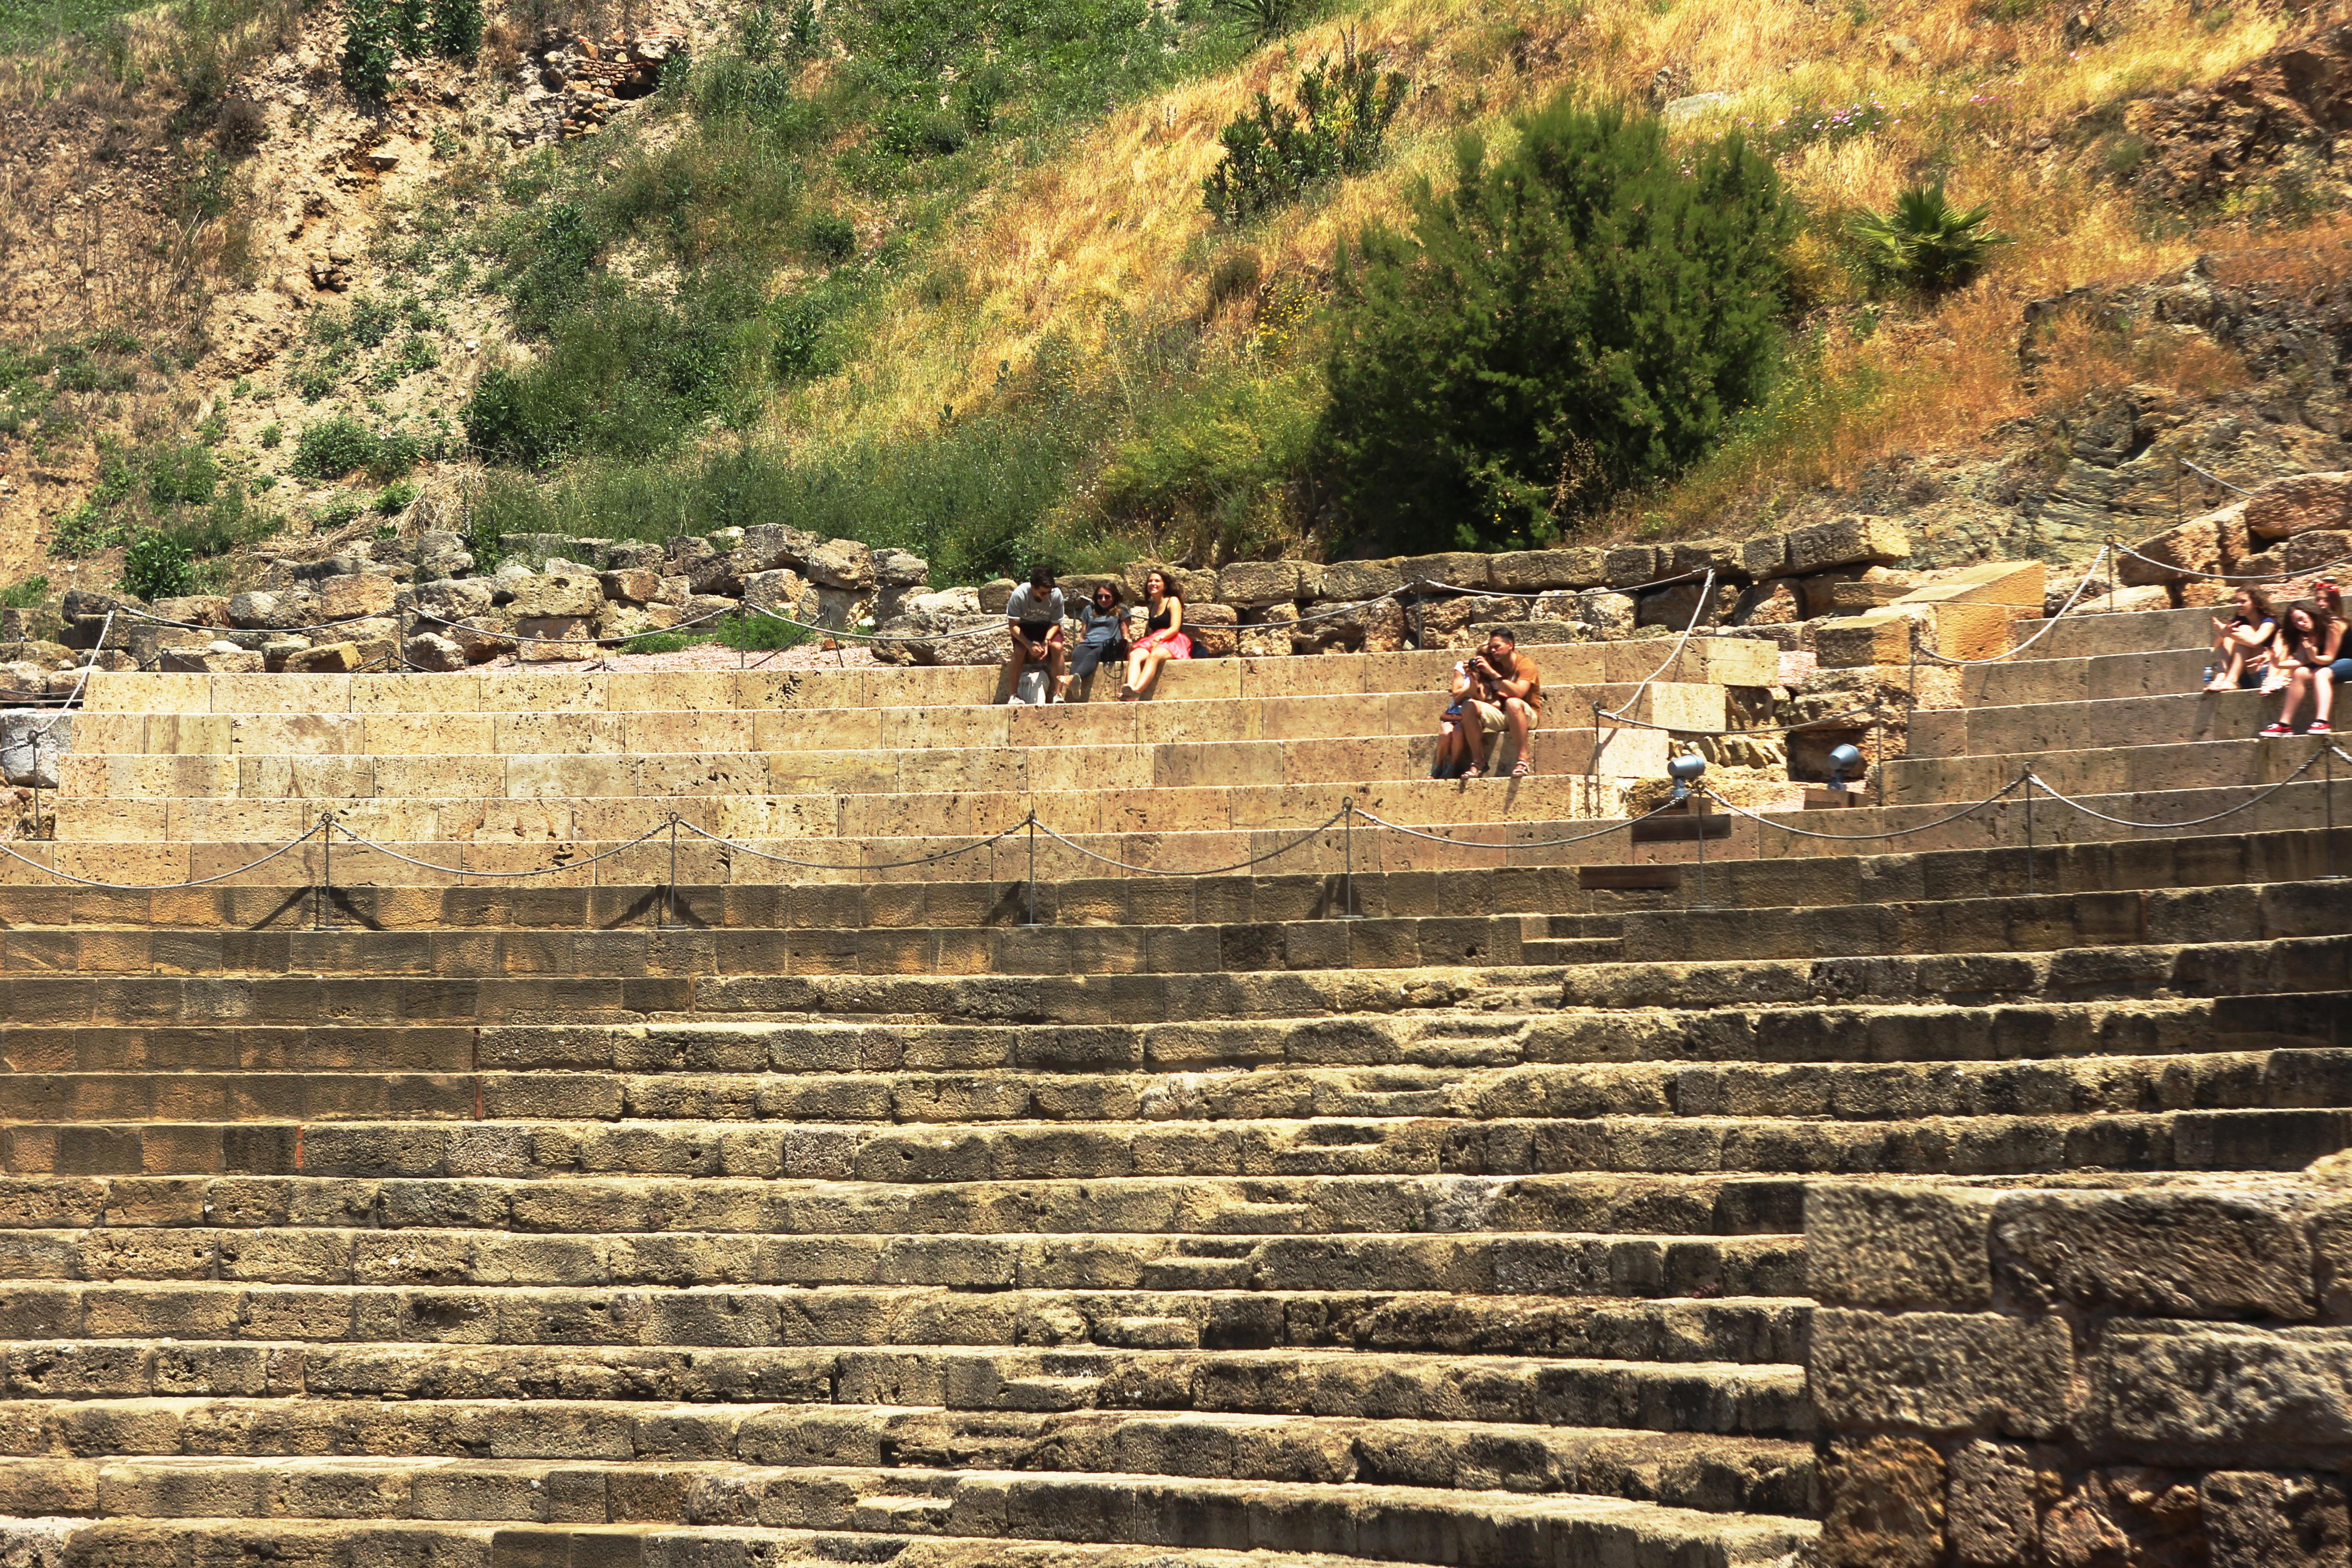 El Teatro Romano funcionó como tal hasta el siglo III. Foto: Natallia Yaskevich.